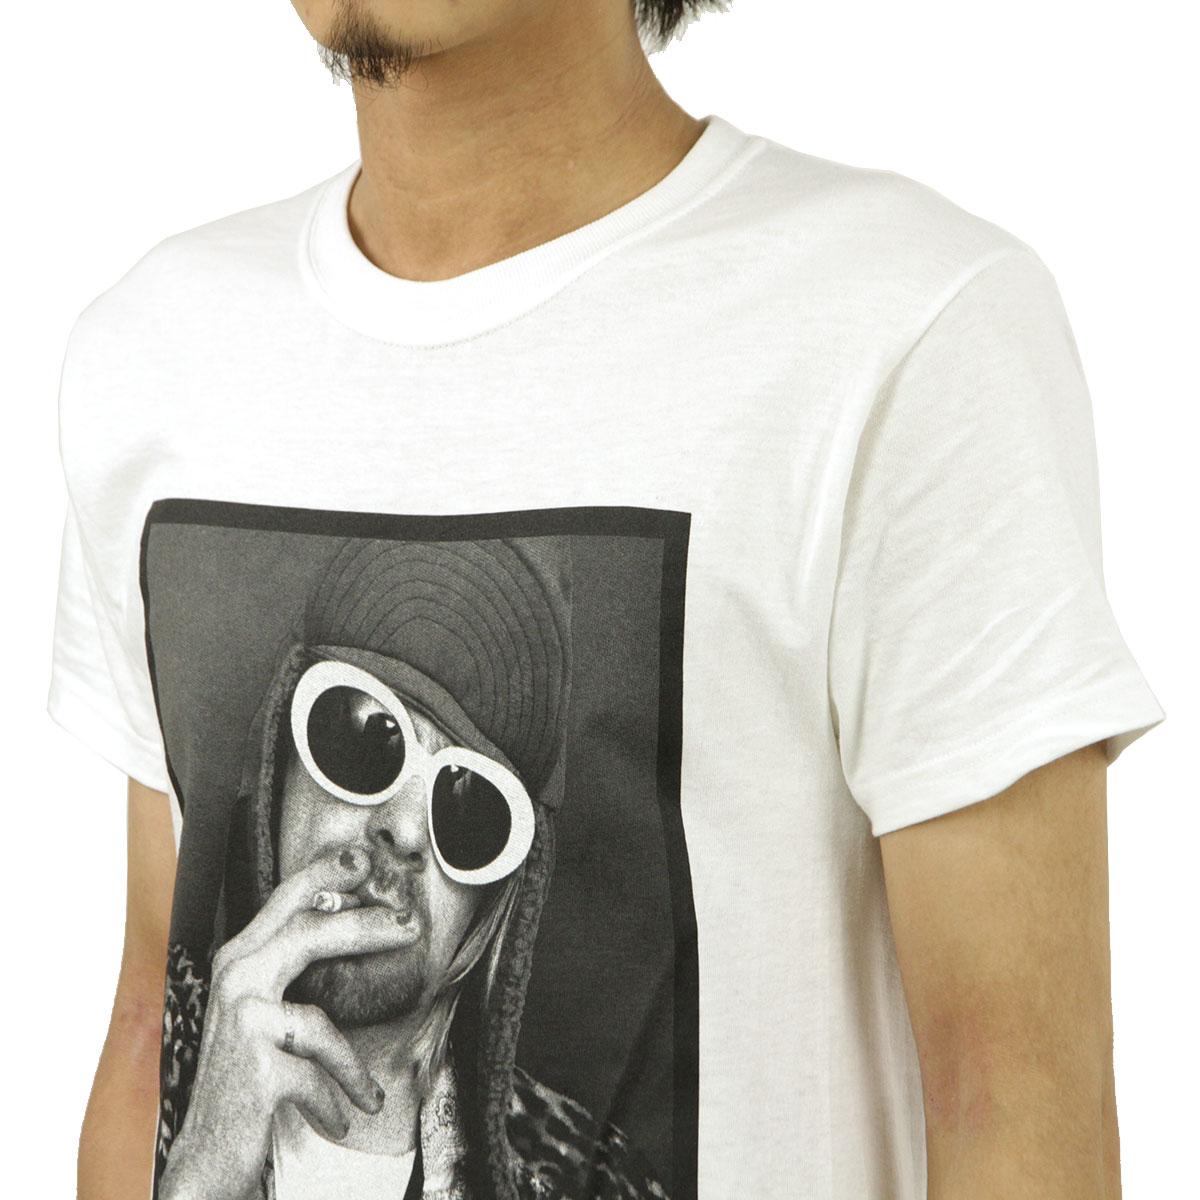 ミュージックティ バンドTシャツ メンズ 正規品 MUSIC TEE フォトT ロックTシャツ 半袖Tシャツ カート・コバーン KURT COBAIN SMOKING BOX PHOTO MUSIC TEE AB5B B1C C1D D1E E01F